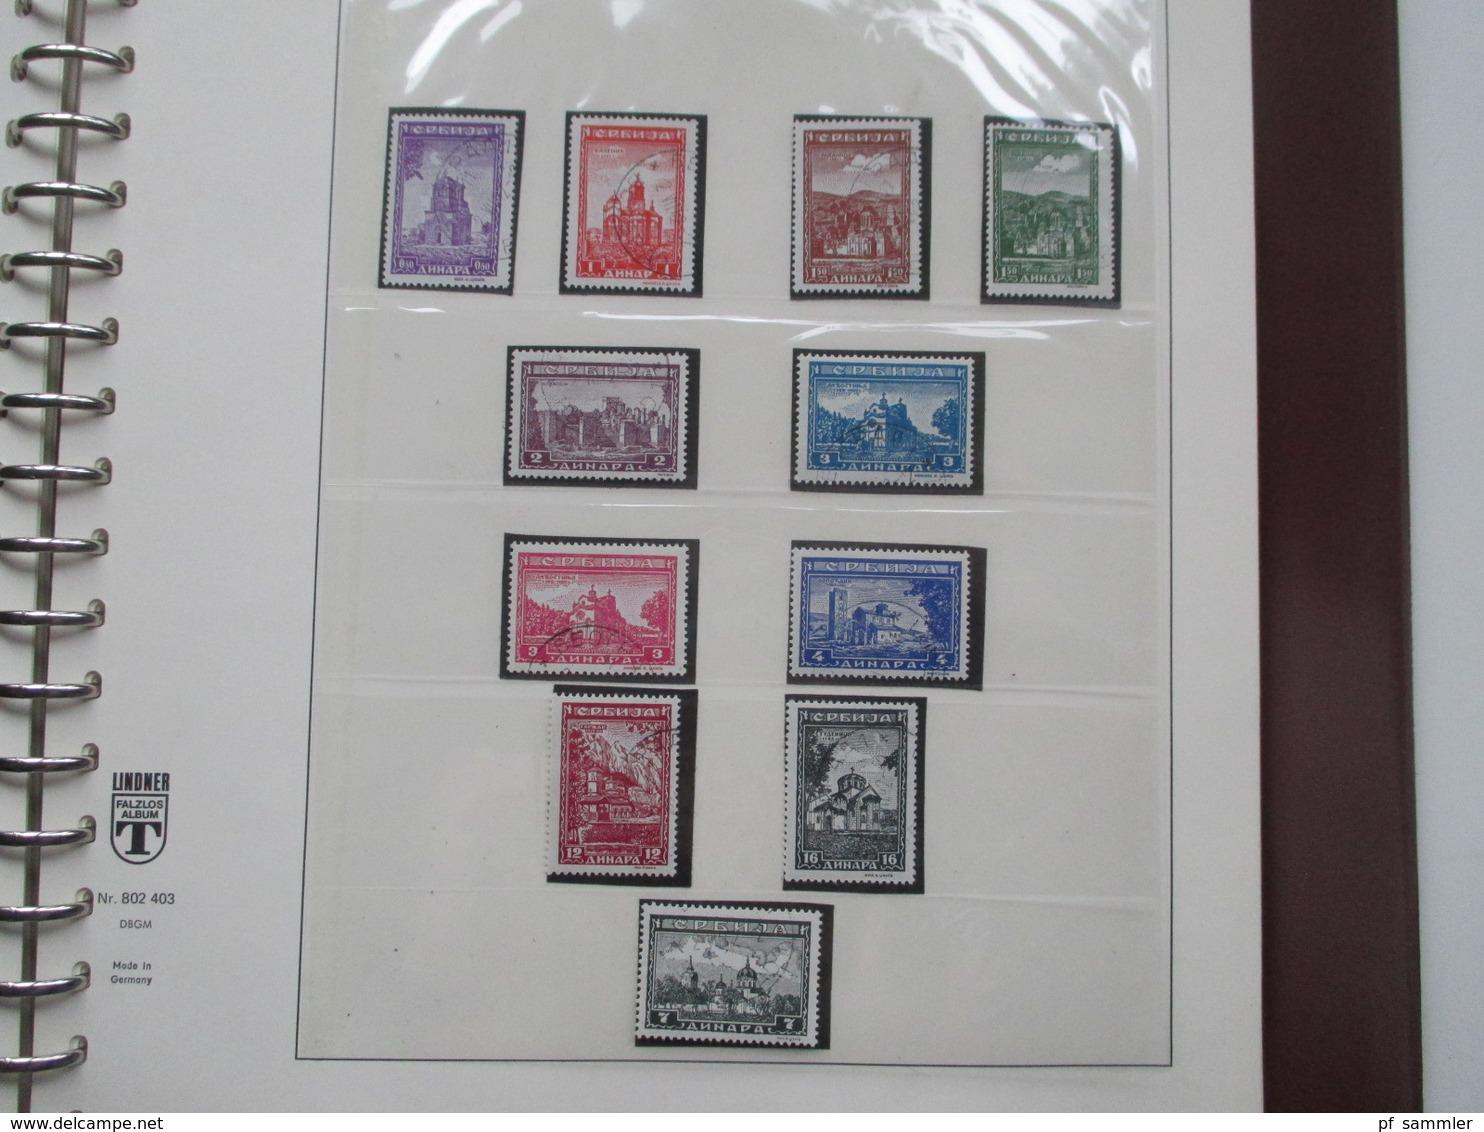 Besetzung 2.WK Kanal Inseln / Serbien / Montenegro / Elsass / Lothringen / Luxemburg Sammlung Im VD Album. Mit Belegen! - Briefmarken